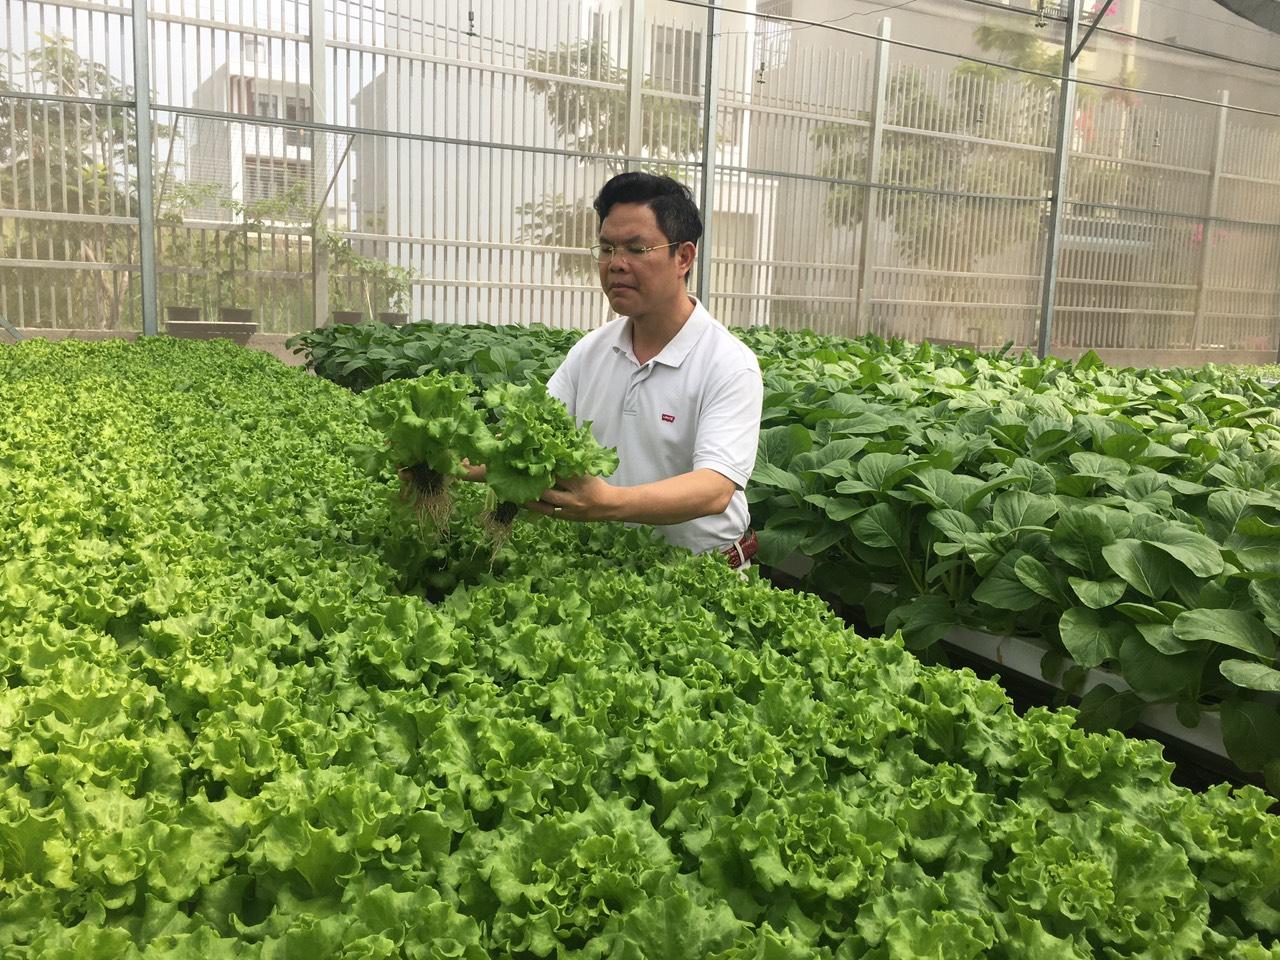 Mô hình trồng rau thủy canh đem lại lợi nhuận kinh tế cao